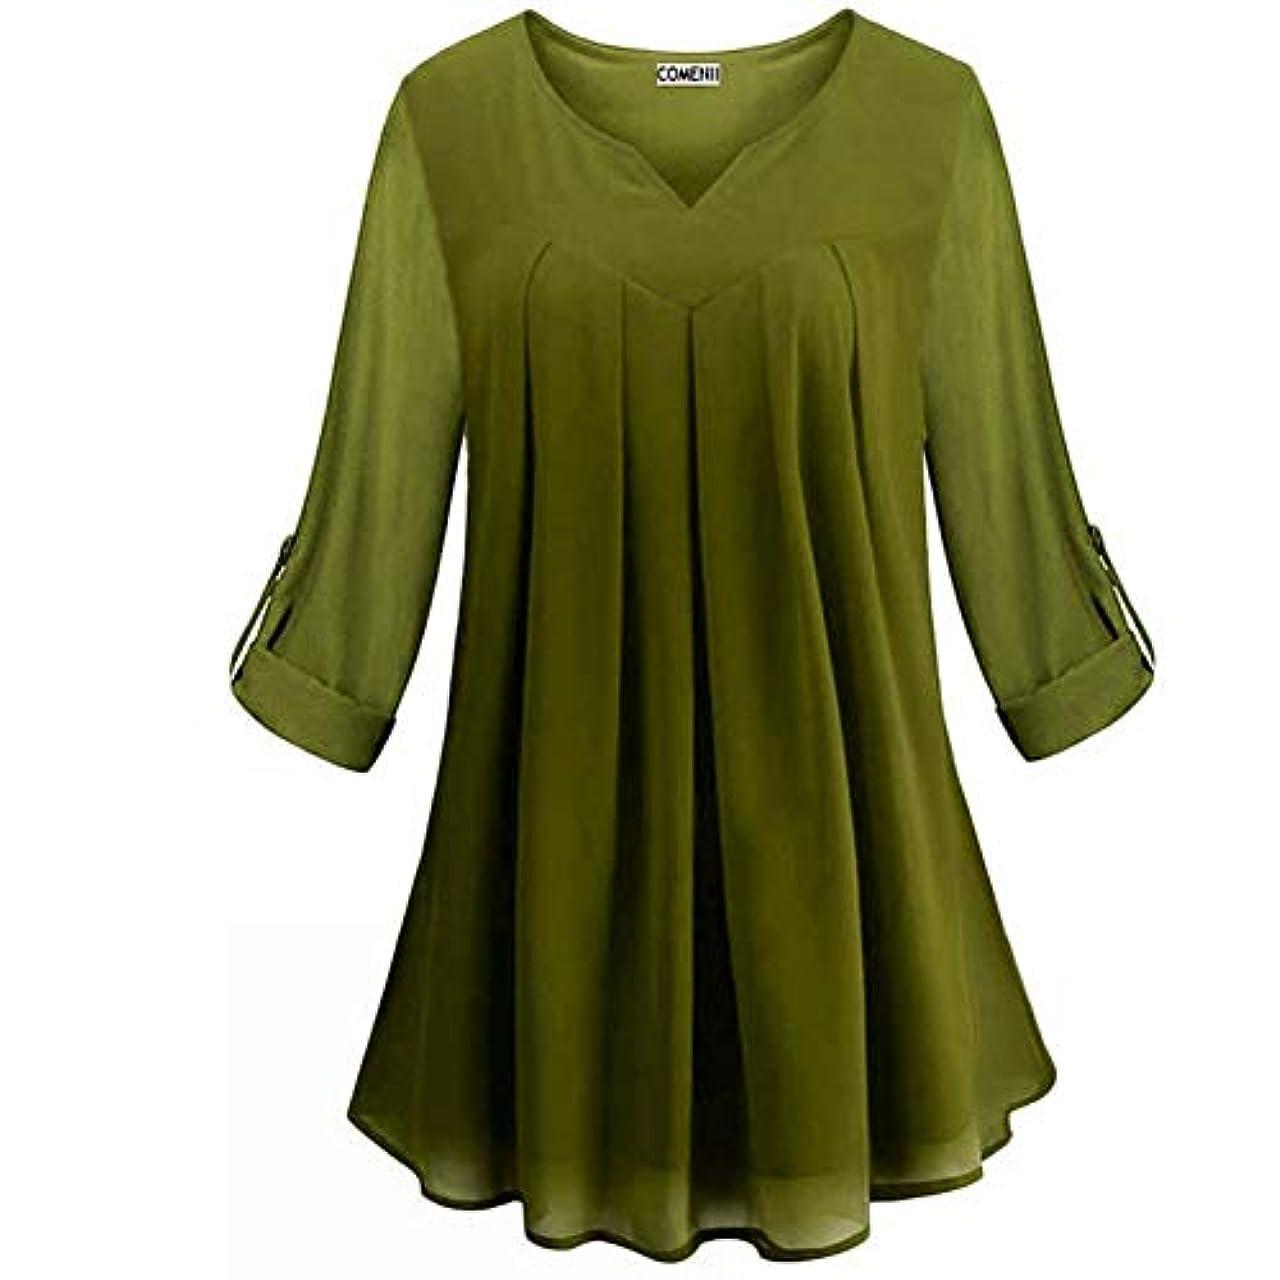 ために確保する国勢調査MIFAN の女性のドレスカジュアルな不規則なドレスルースサマービーチTシャツドレス